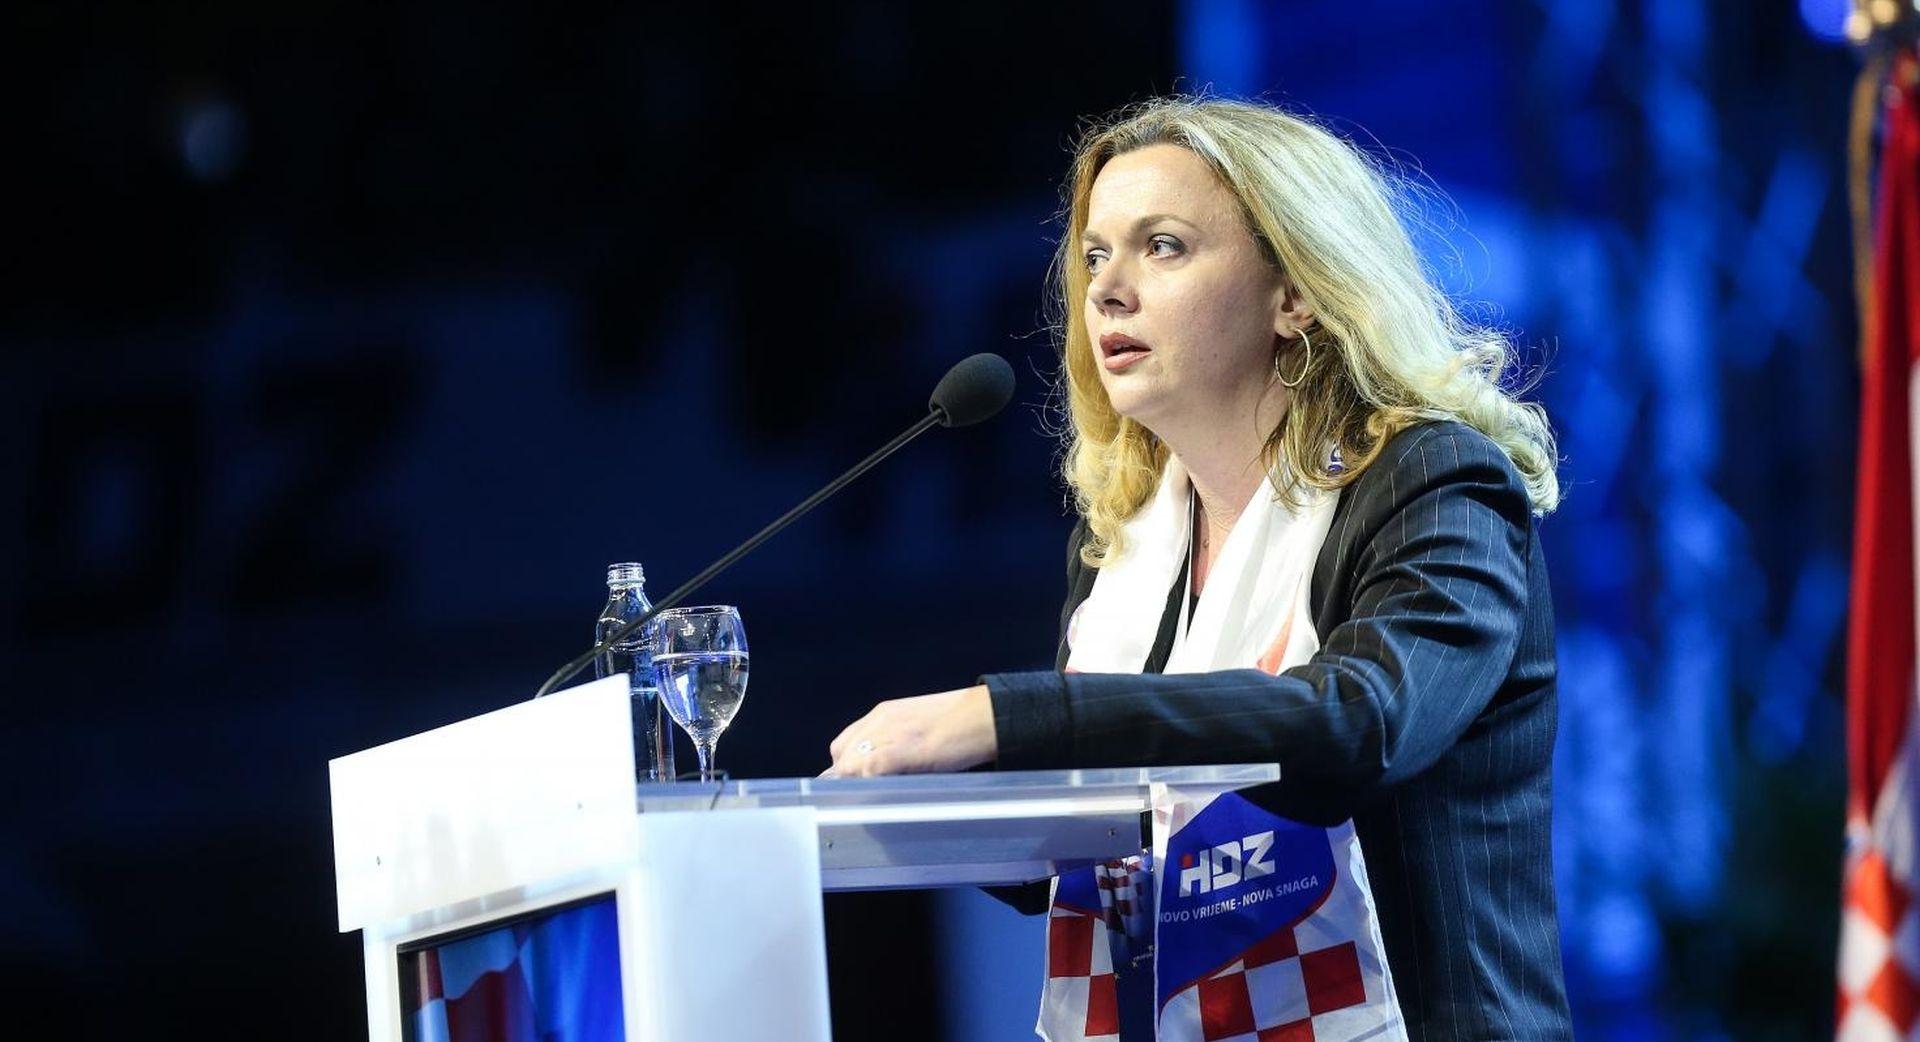 Europski parlament u Marakešu predstavljat će Željana Zovko